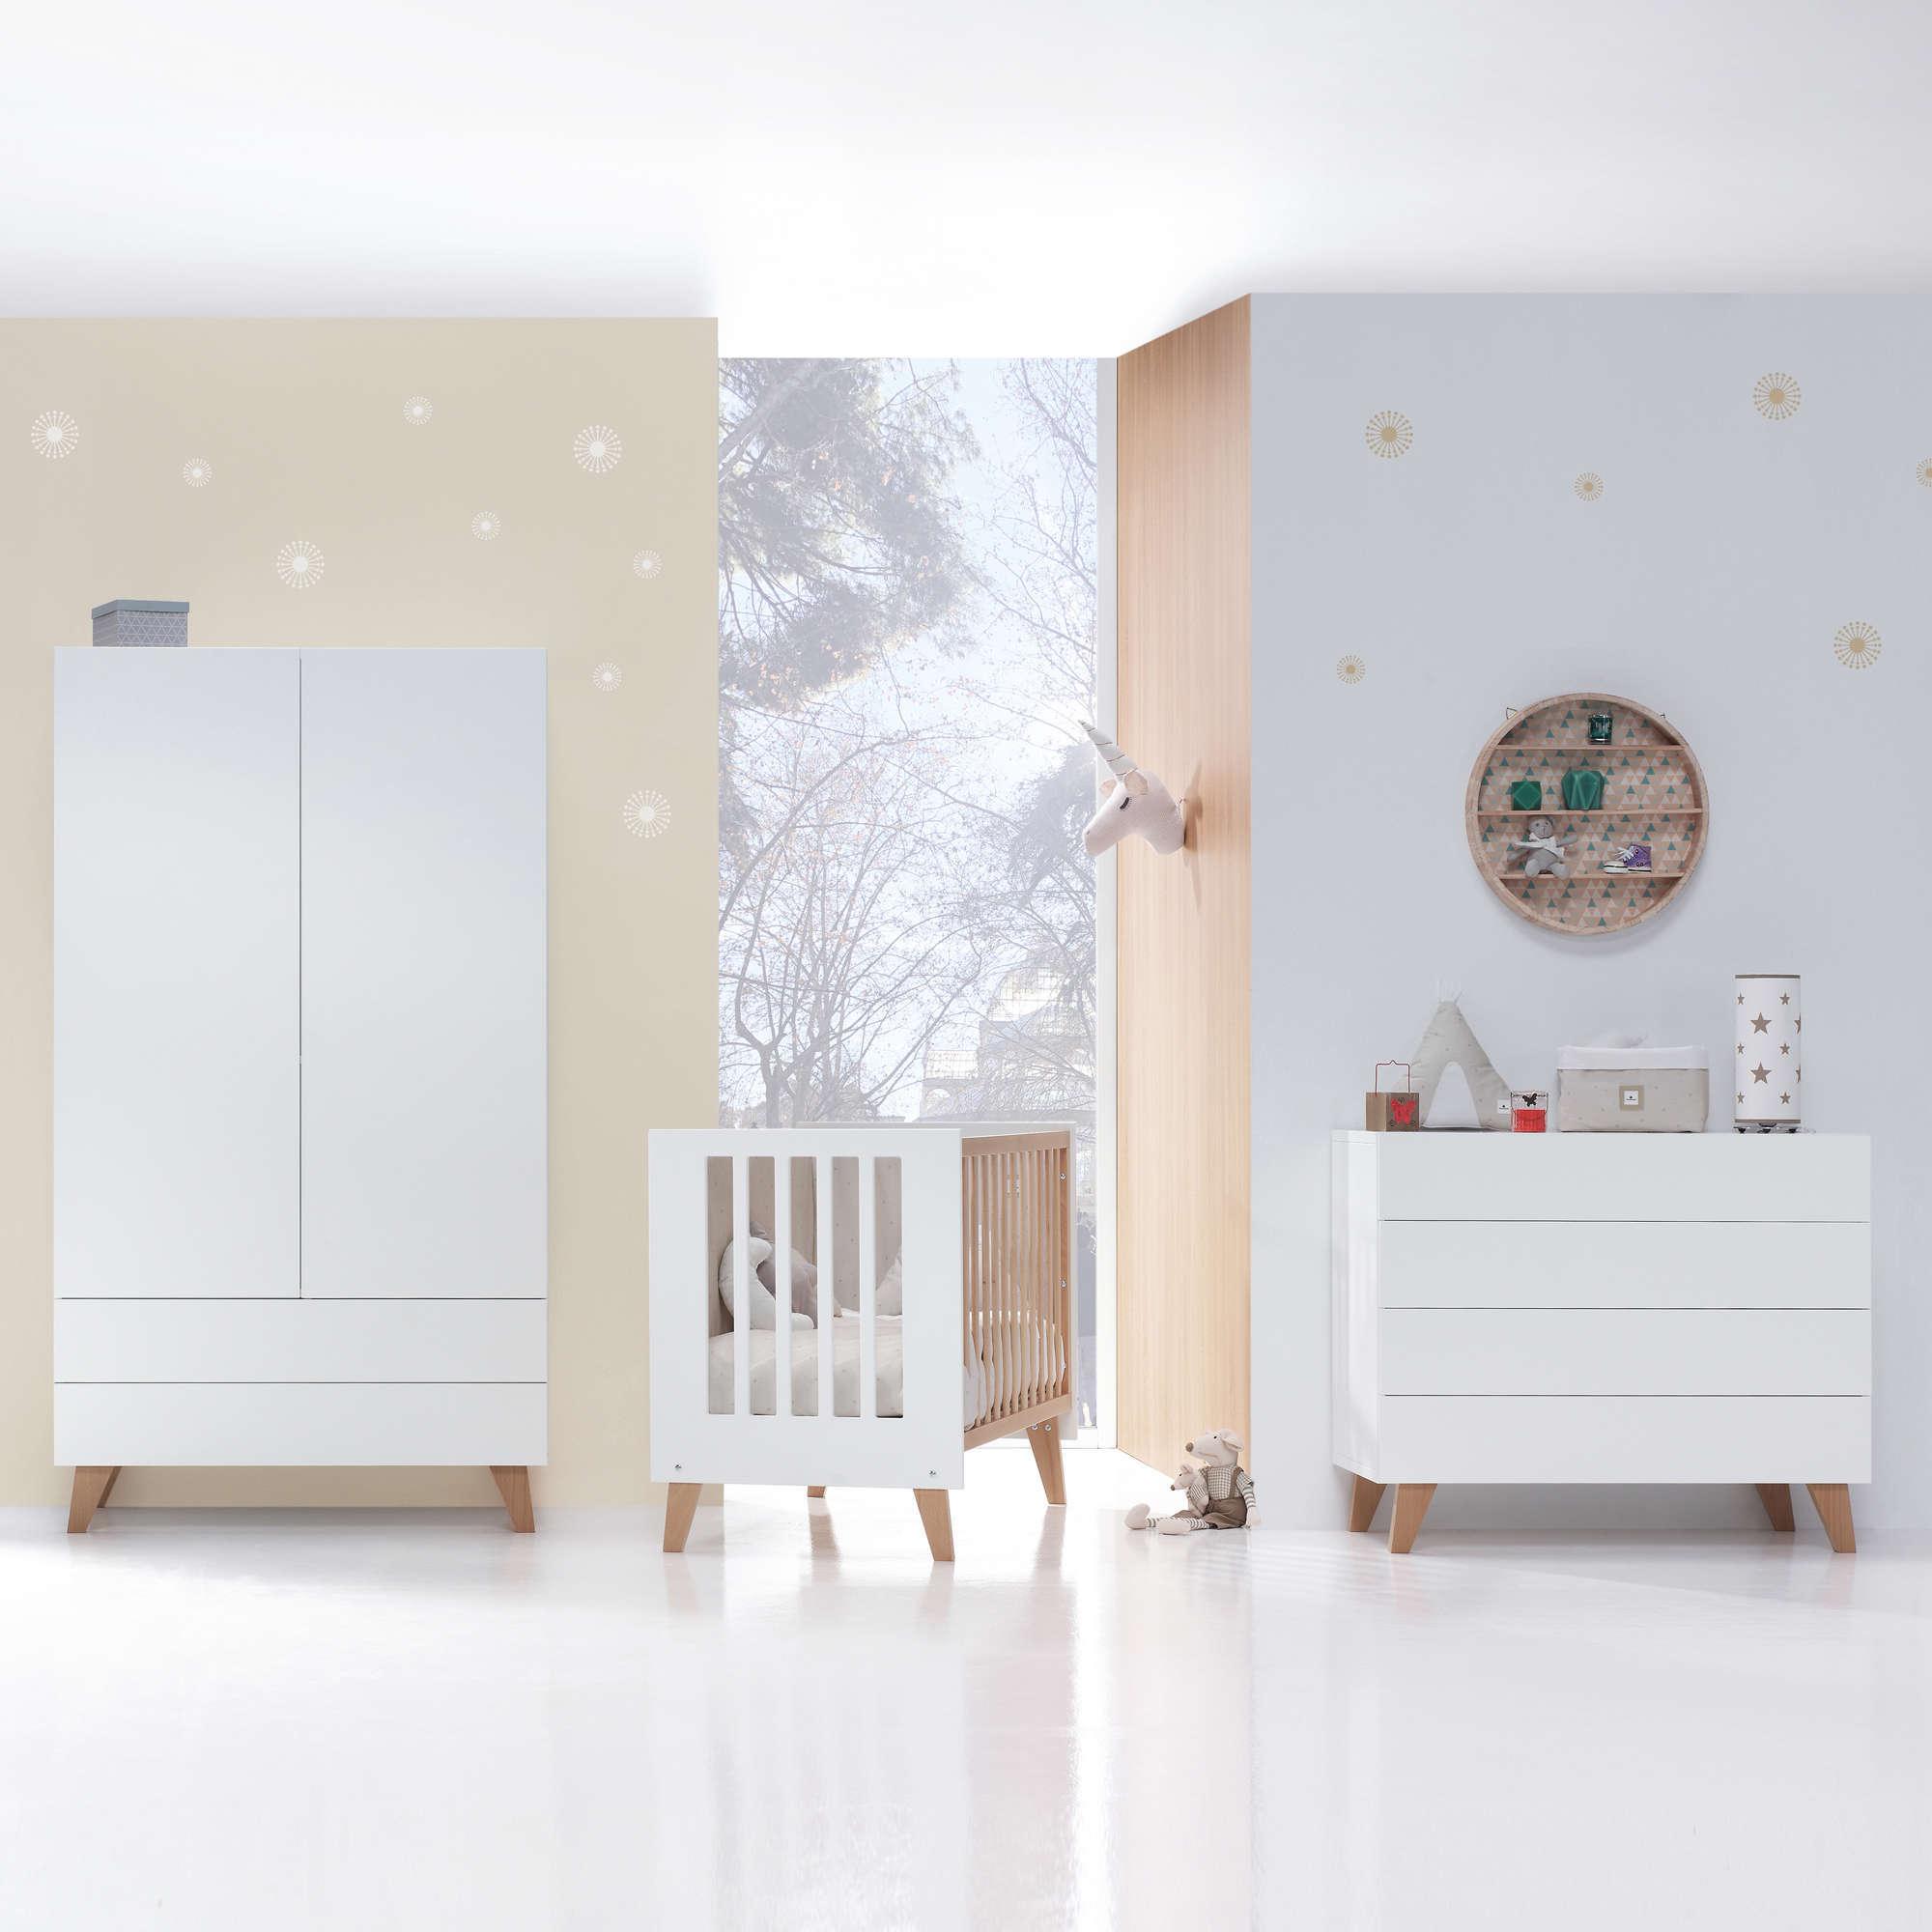 Habitación infantil de estilo nórdico en blanco y madera Scandi Origin Alondra